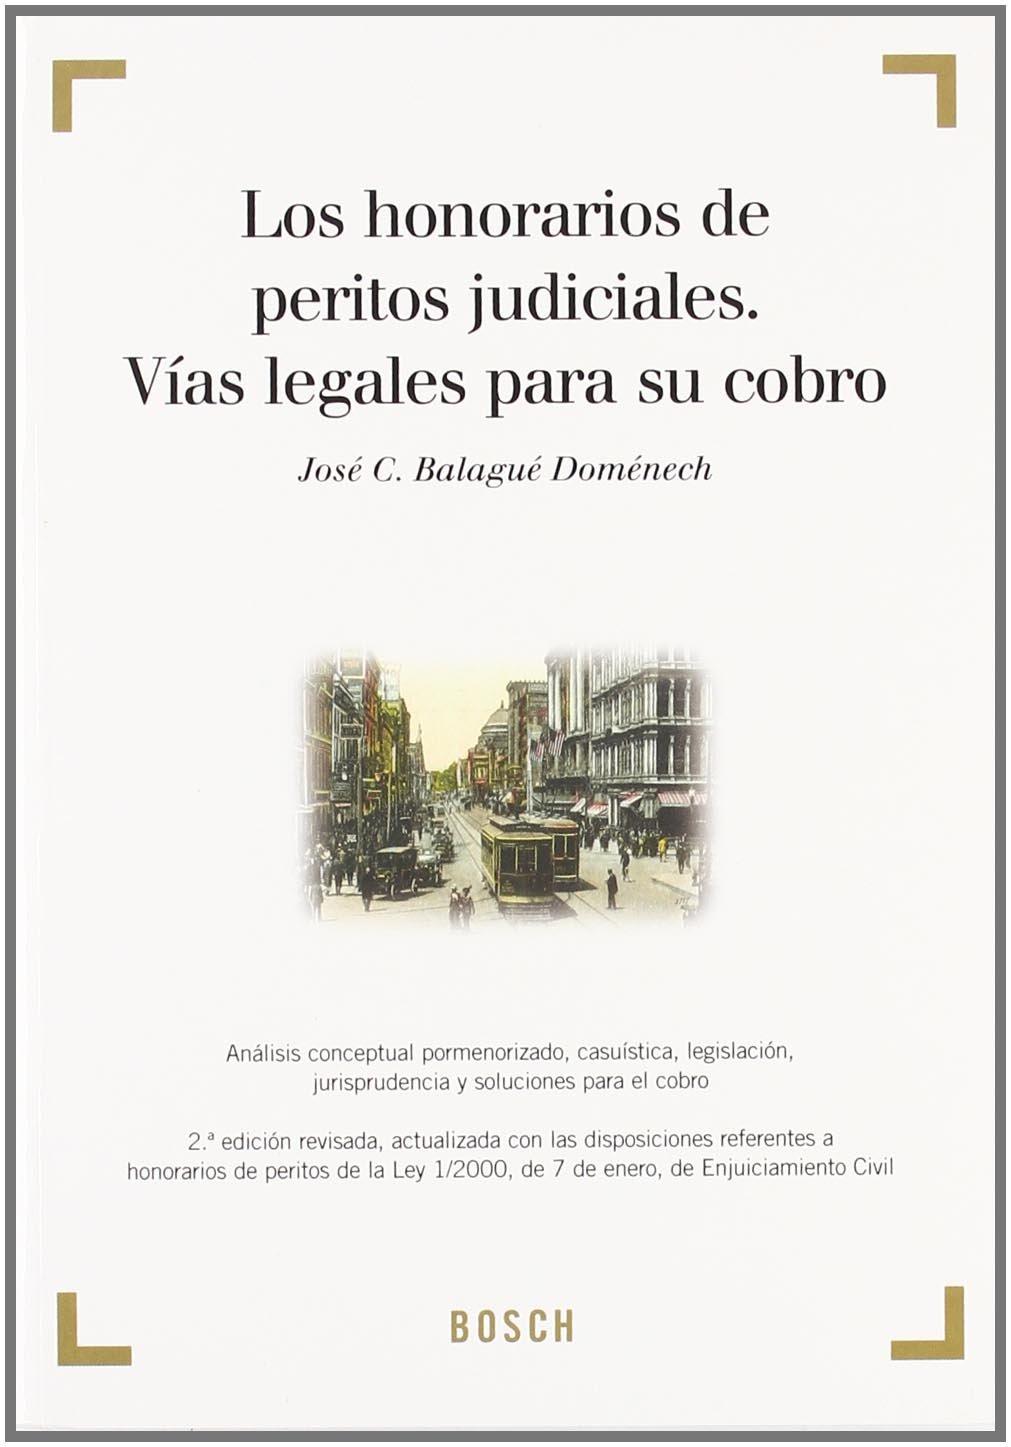 Los honorarios de peritos judiciales. Vías legales para su cobro: Análisis  conceptual pormenorizado, casuística, legislación, jurisprudencia y  soluciones ...